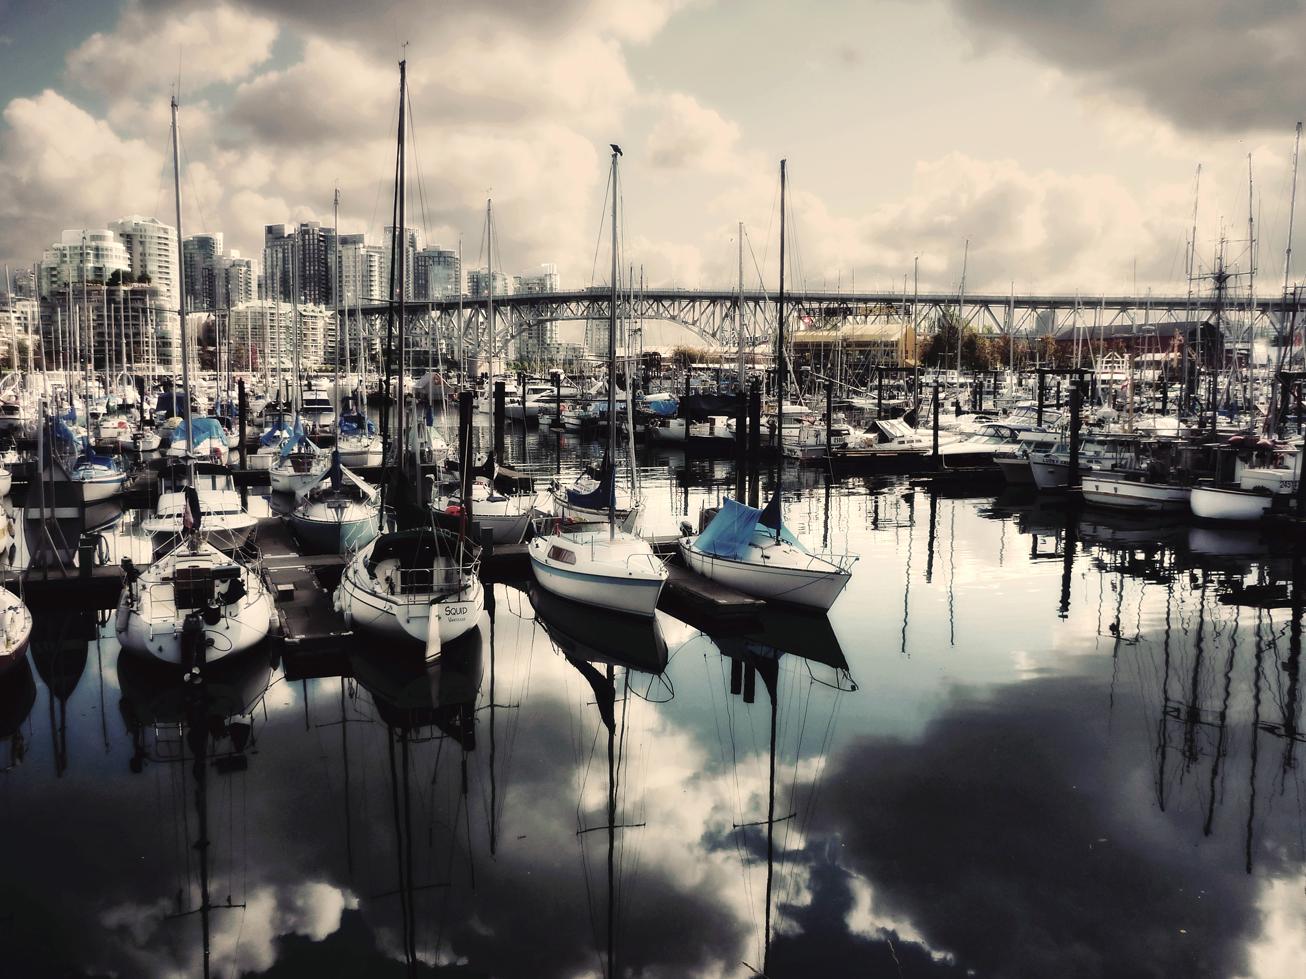 Taken in the area of Granville Island Market in Vancouver, BC. Flickr - Krystian Olszanski.